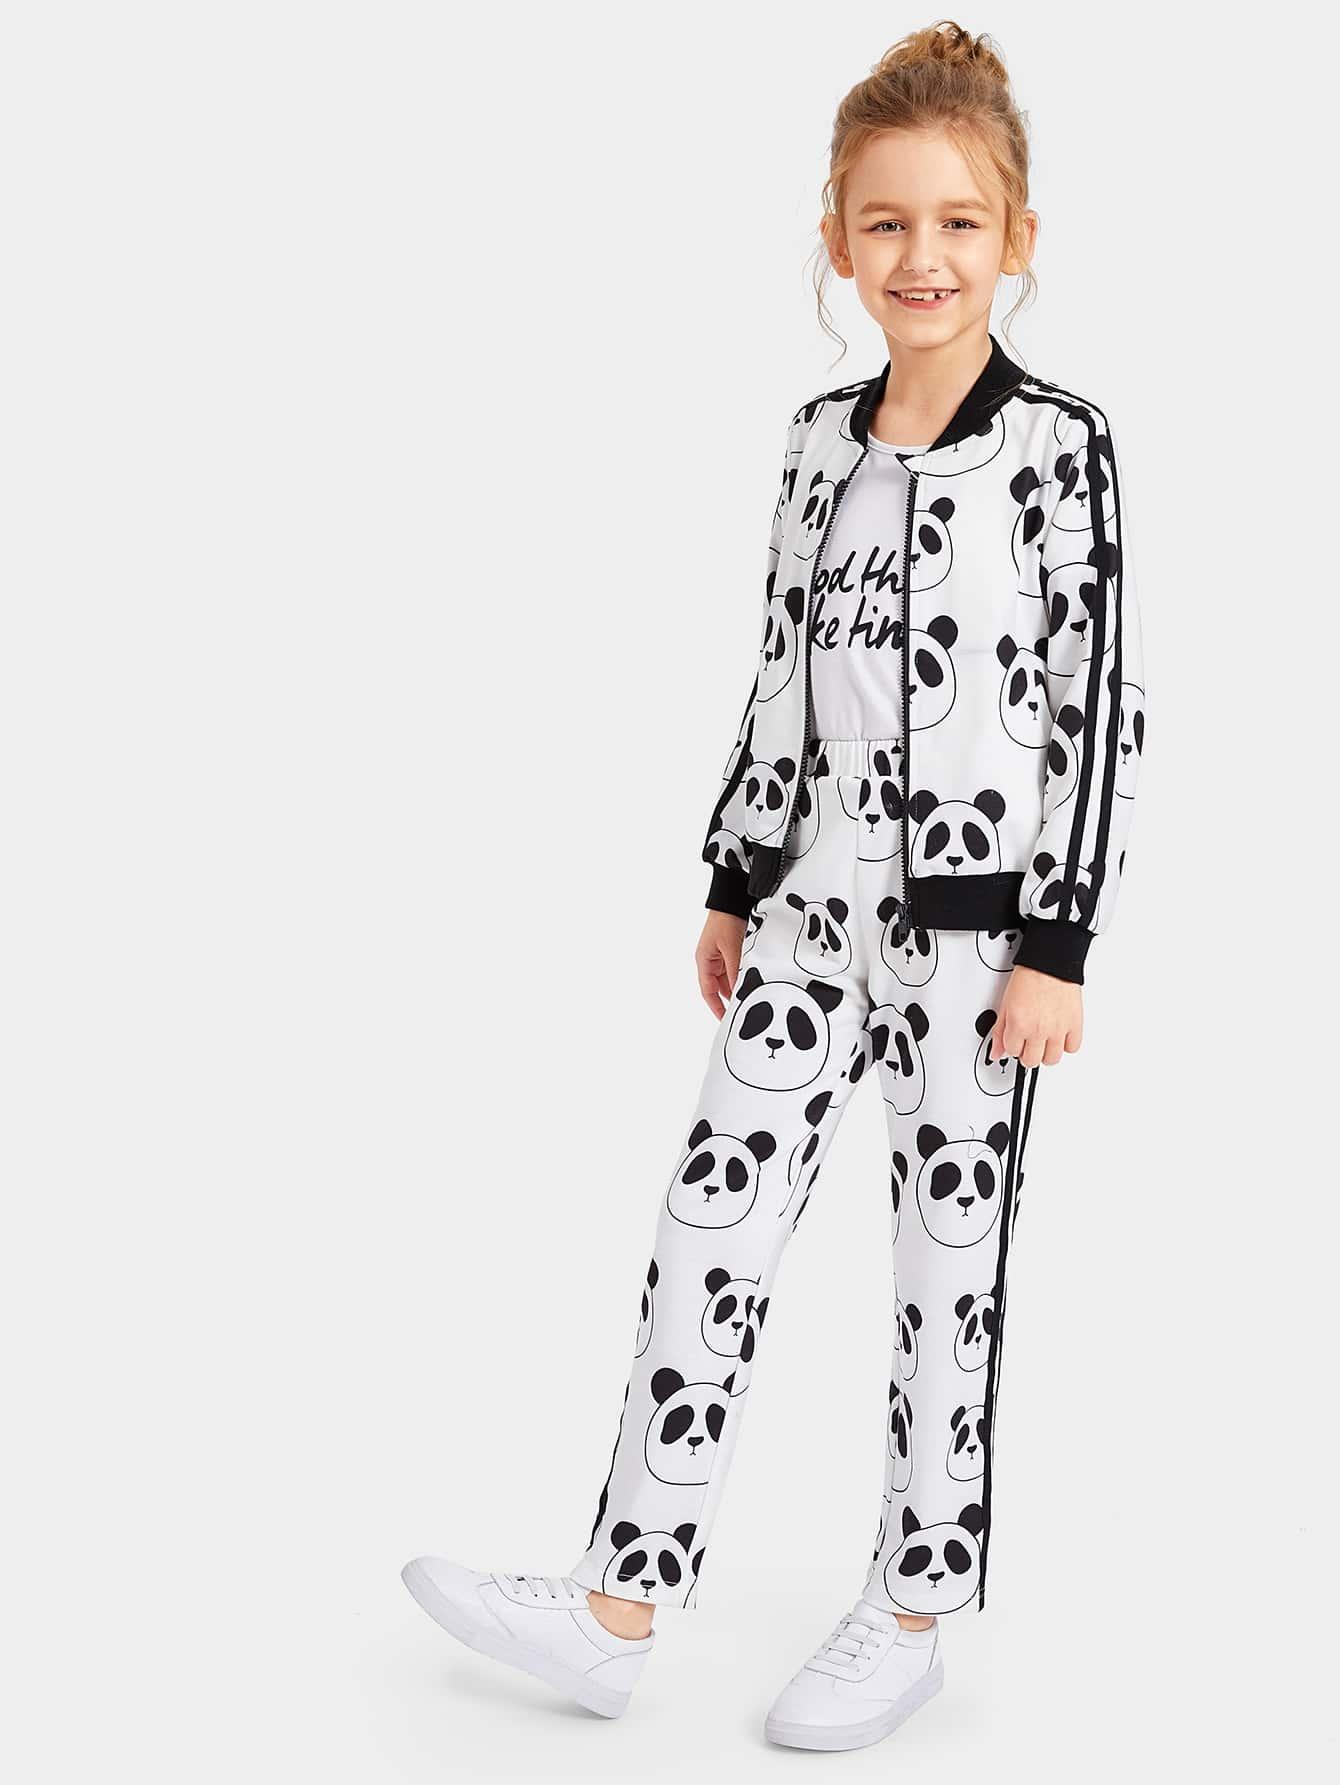 Купить Женская куртка с графическим принтом и брюки комплект, Sashab, SheIn